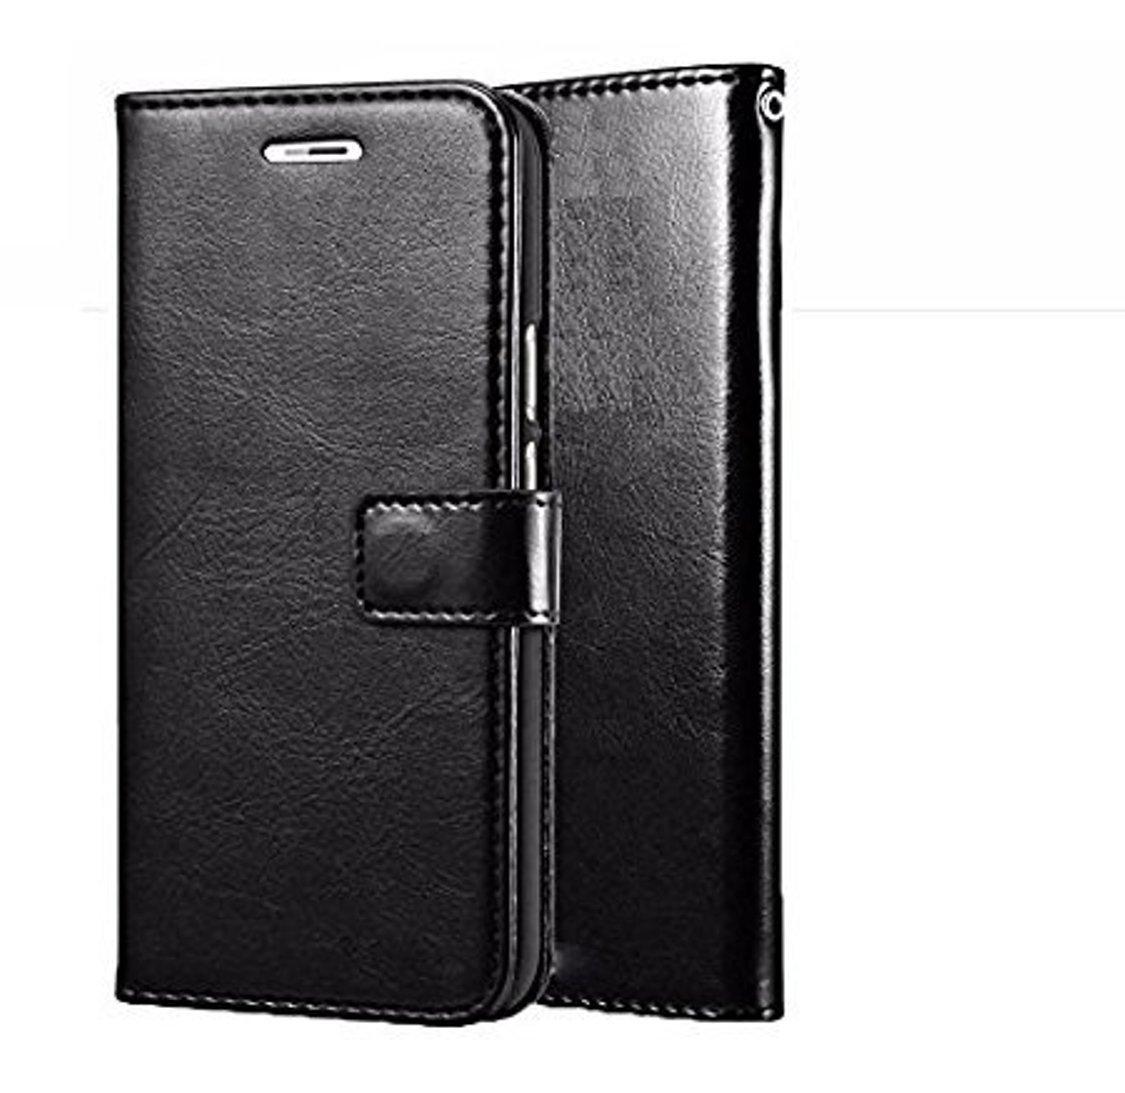 D G Kases Vintage Pu Leather Kickstand Wallet Flip Case Cover For Lenovo K5 Note   Black